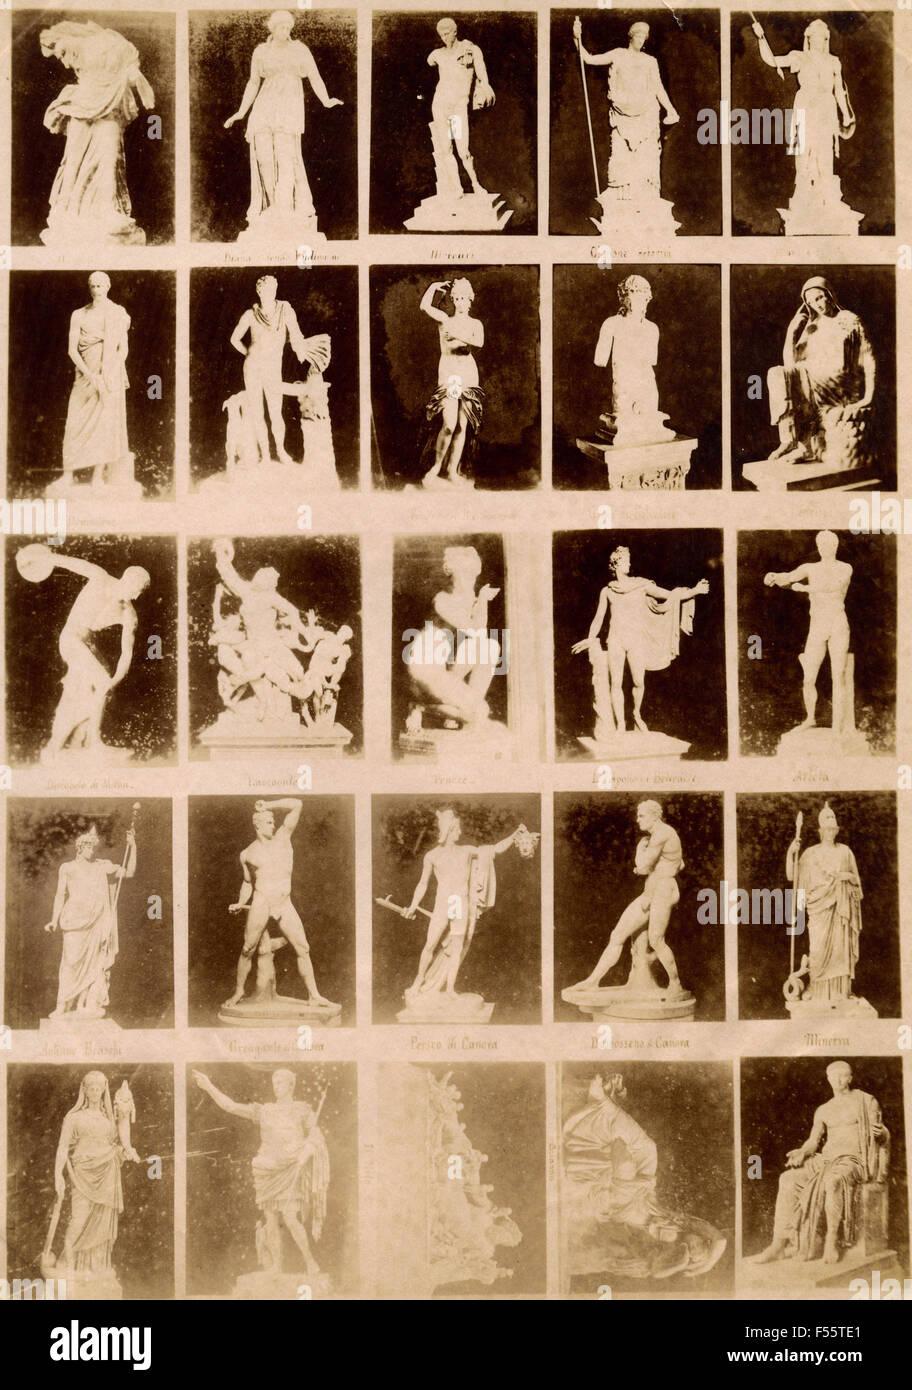 Musées du Vatican: des images de la publicité Photo Stock